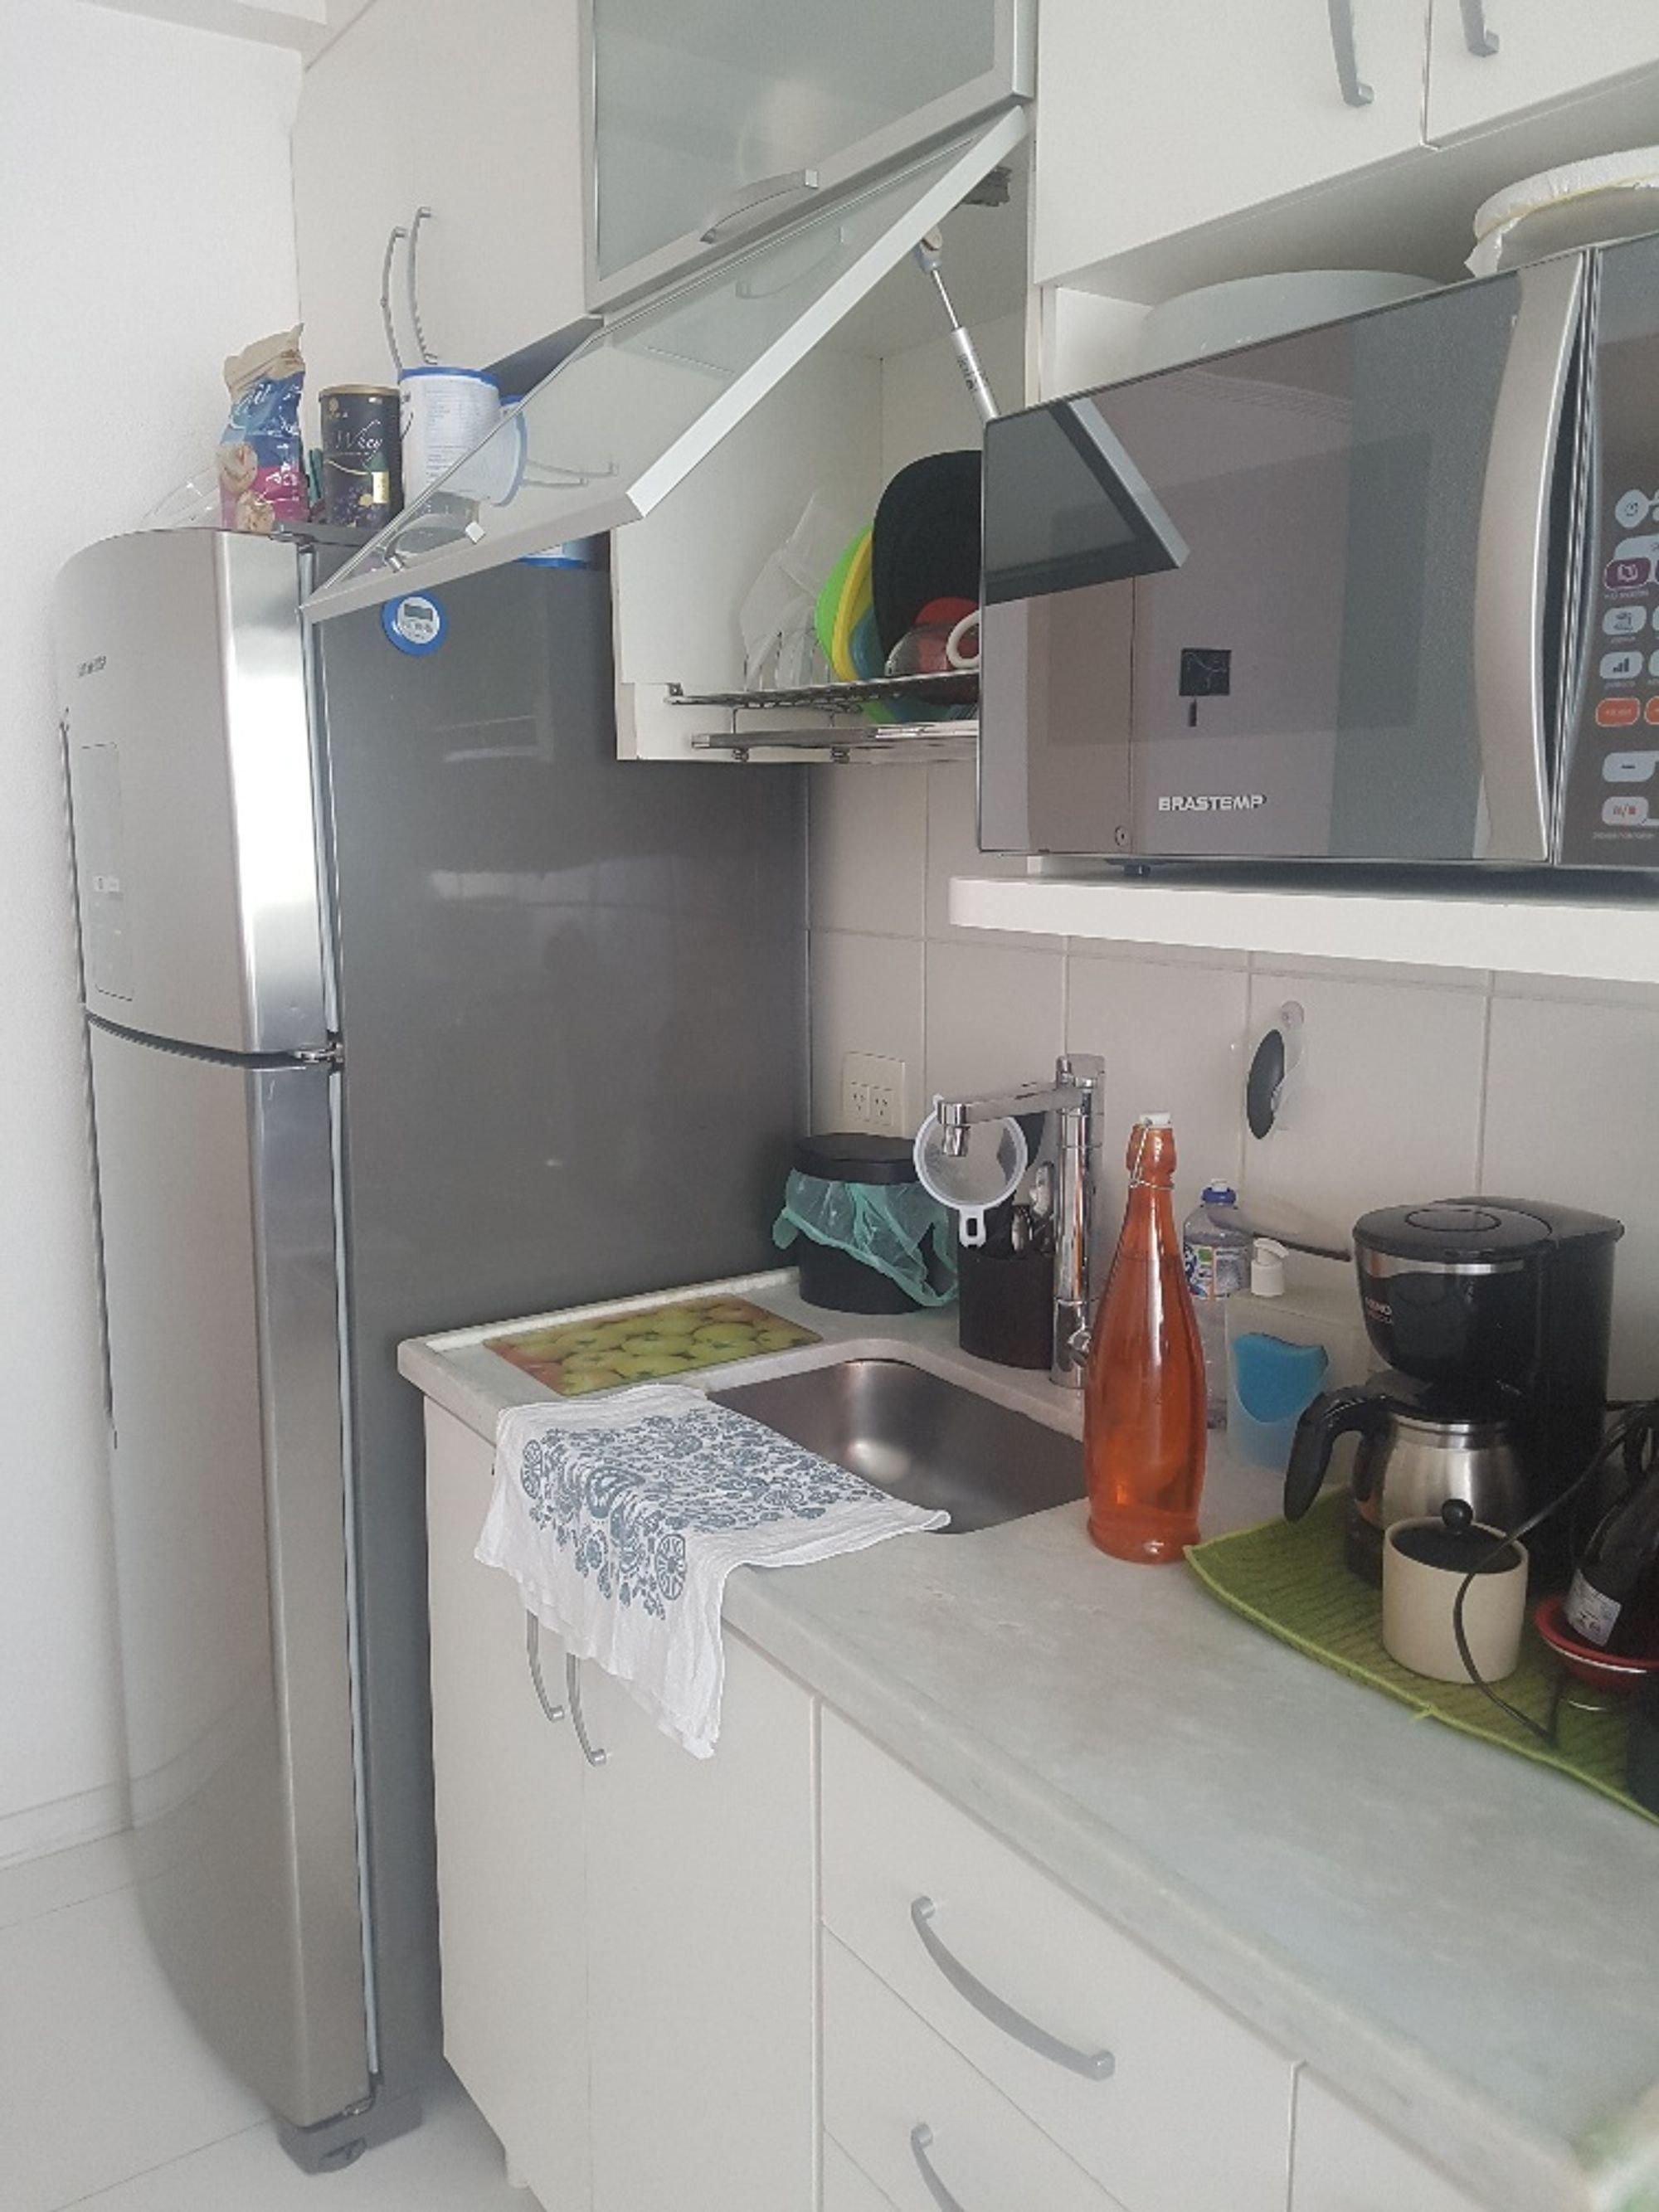 Foto de Cozinha com garrafa, geladeira, pia, xícara